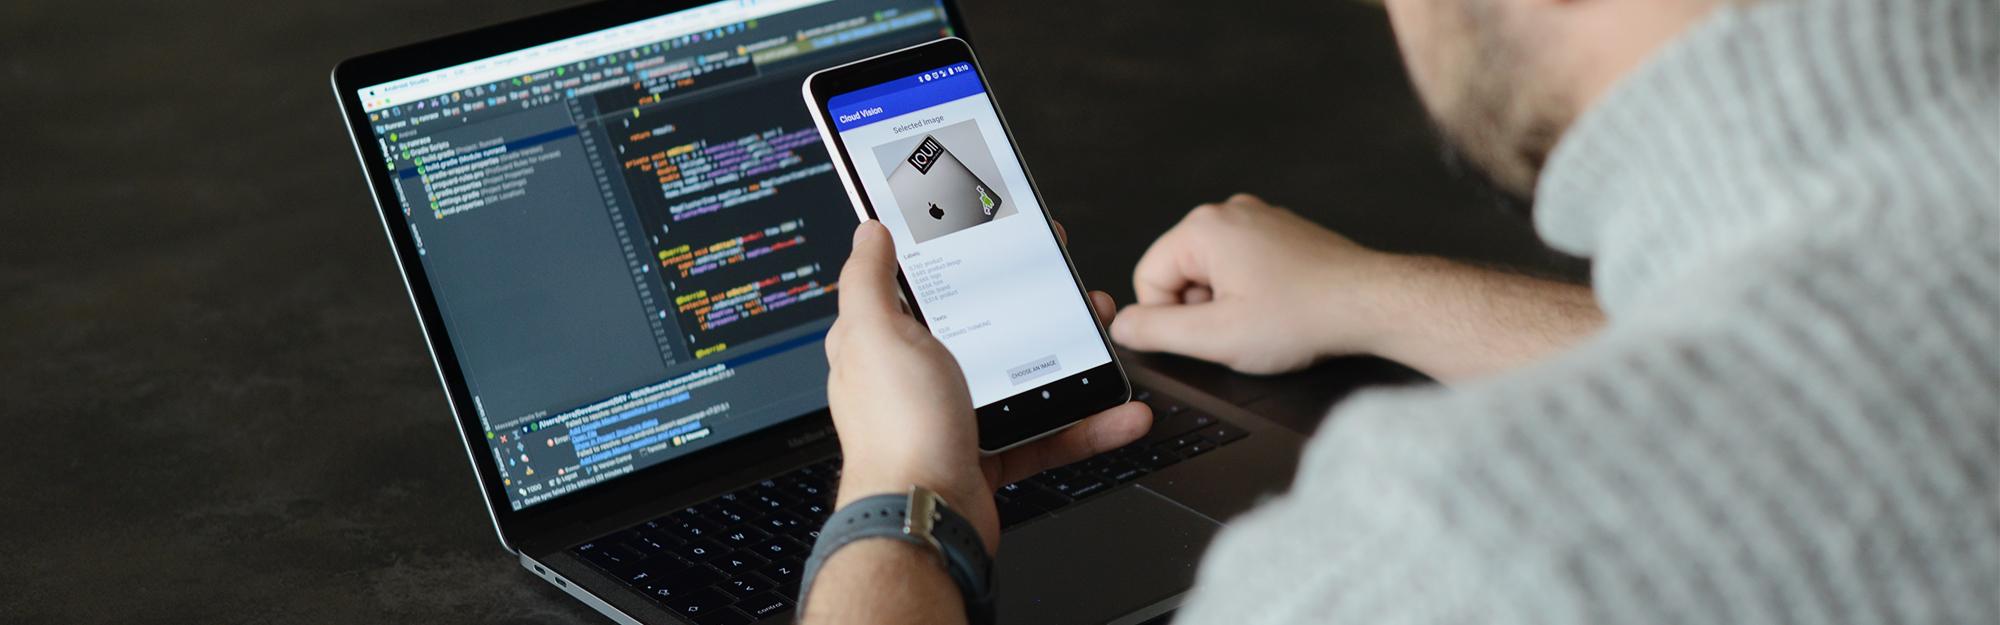 Google Cloud Vision API e Image Recognition: cos'è e come integrarla nella tua app mobile